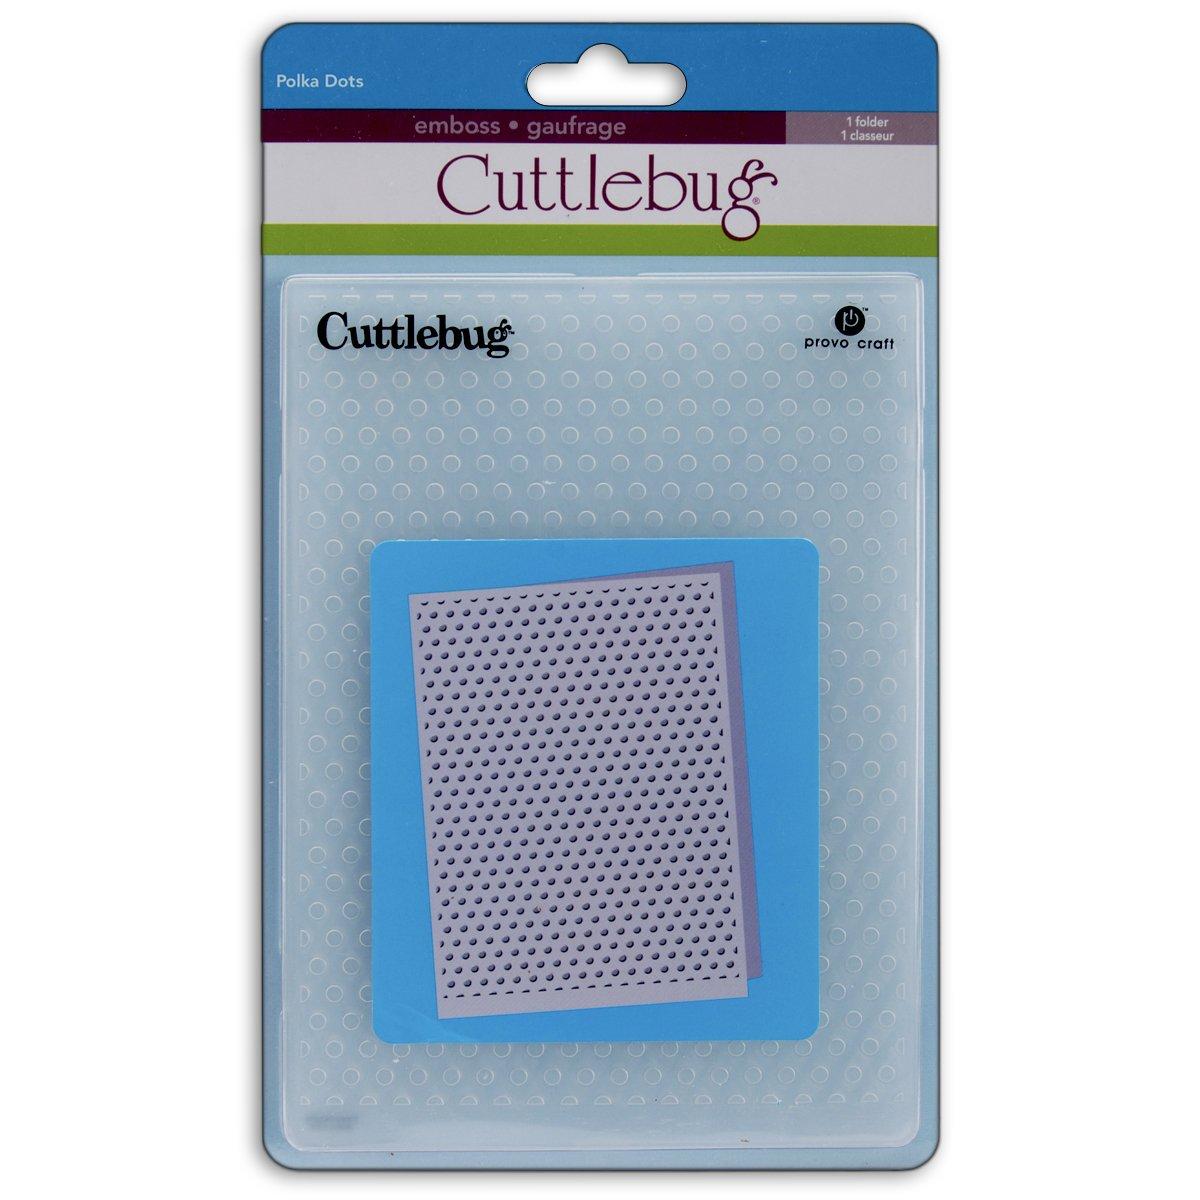 Cuttlebug 5-Inch-by-7-Inch Embossing Folder, Polka Dots by Cuttlebug